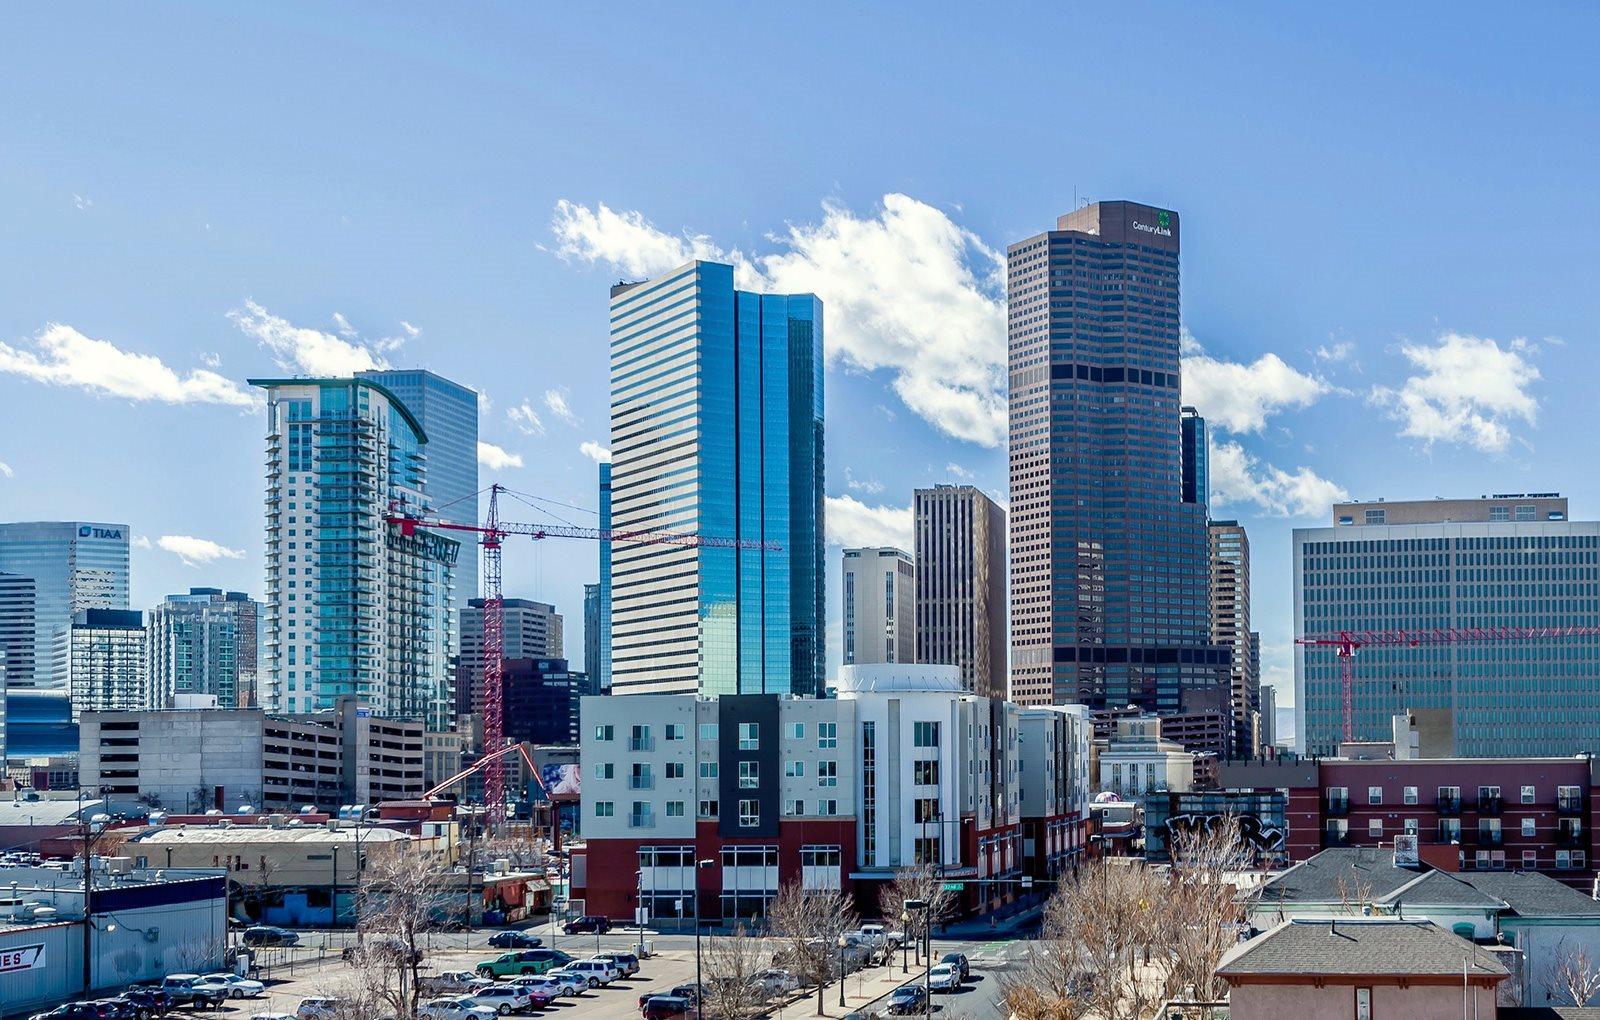 Image of Park Avenue West in Denver, Colorado